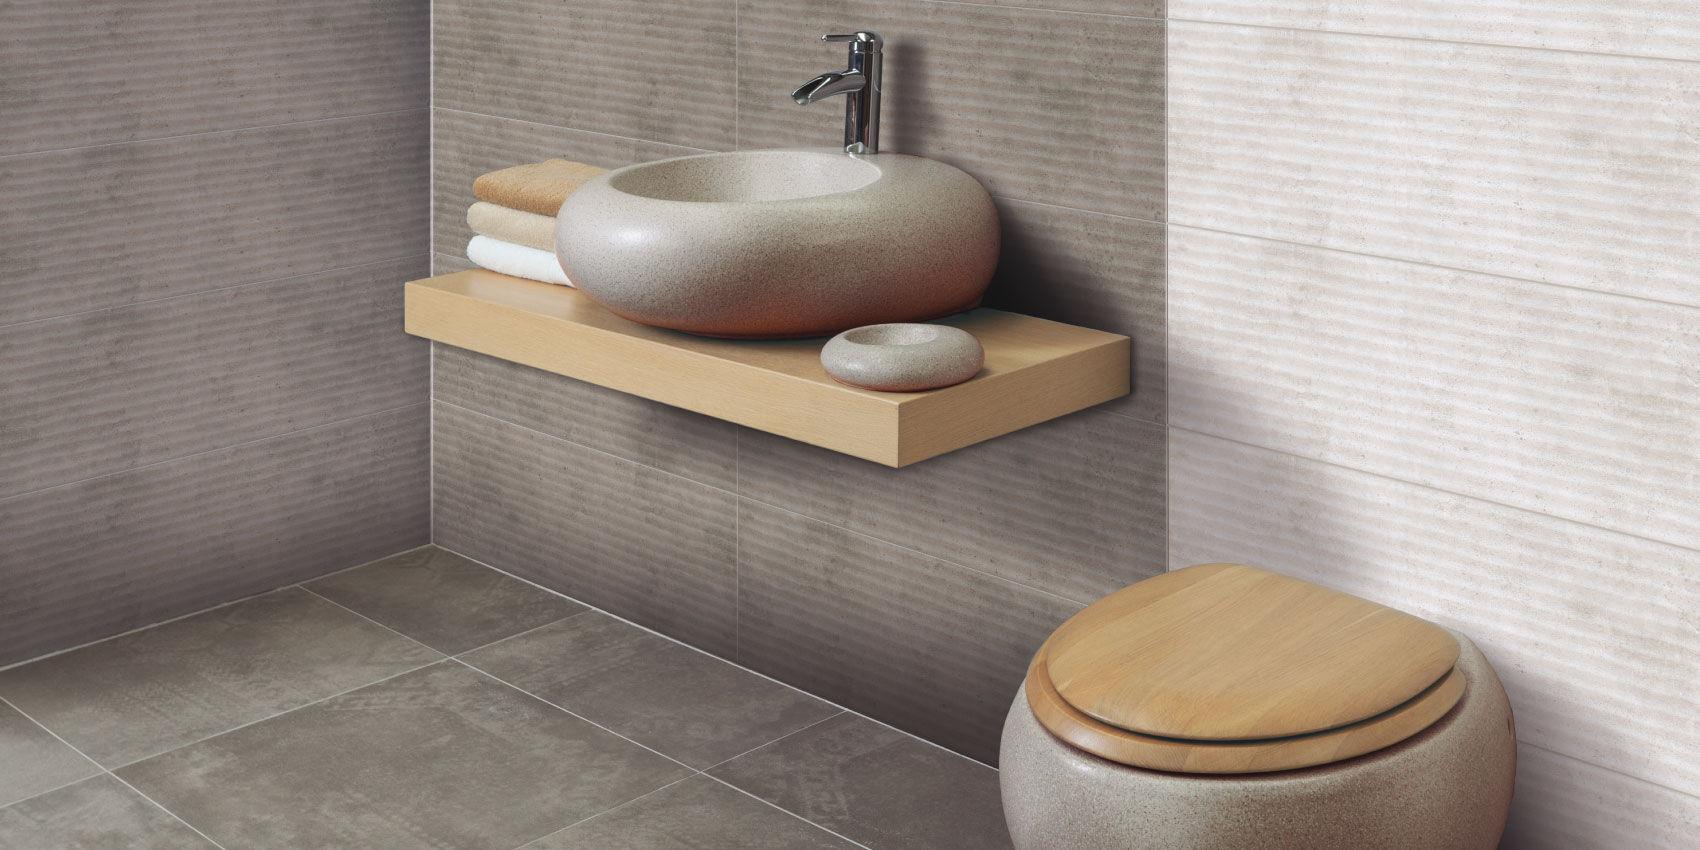 bathroom tile wall ceramic textured dakar